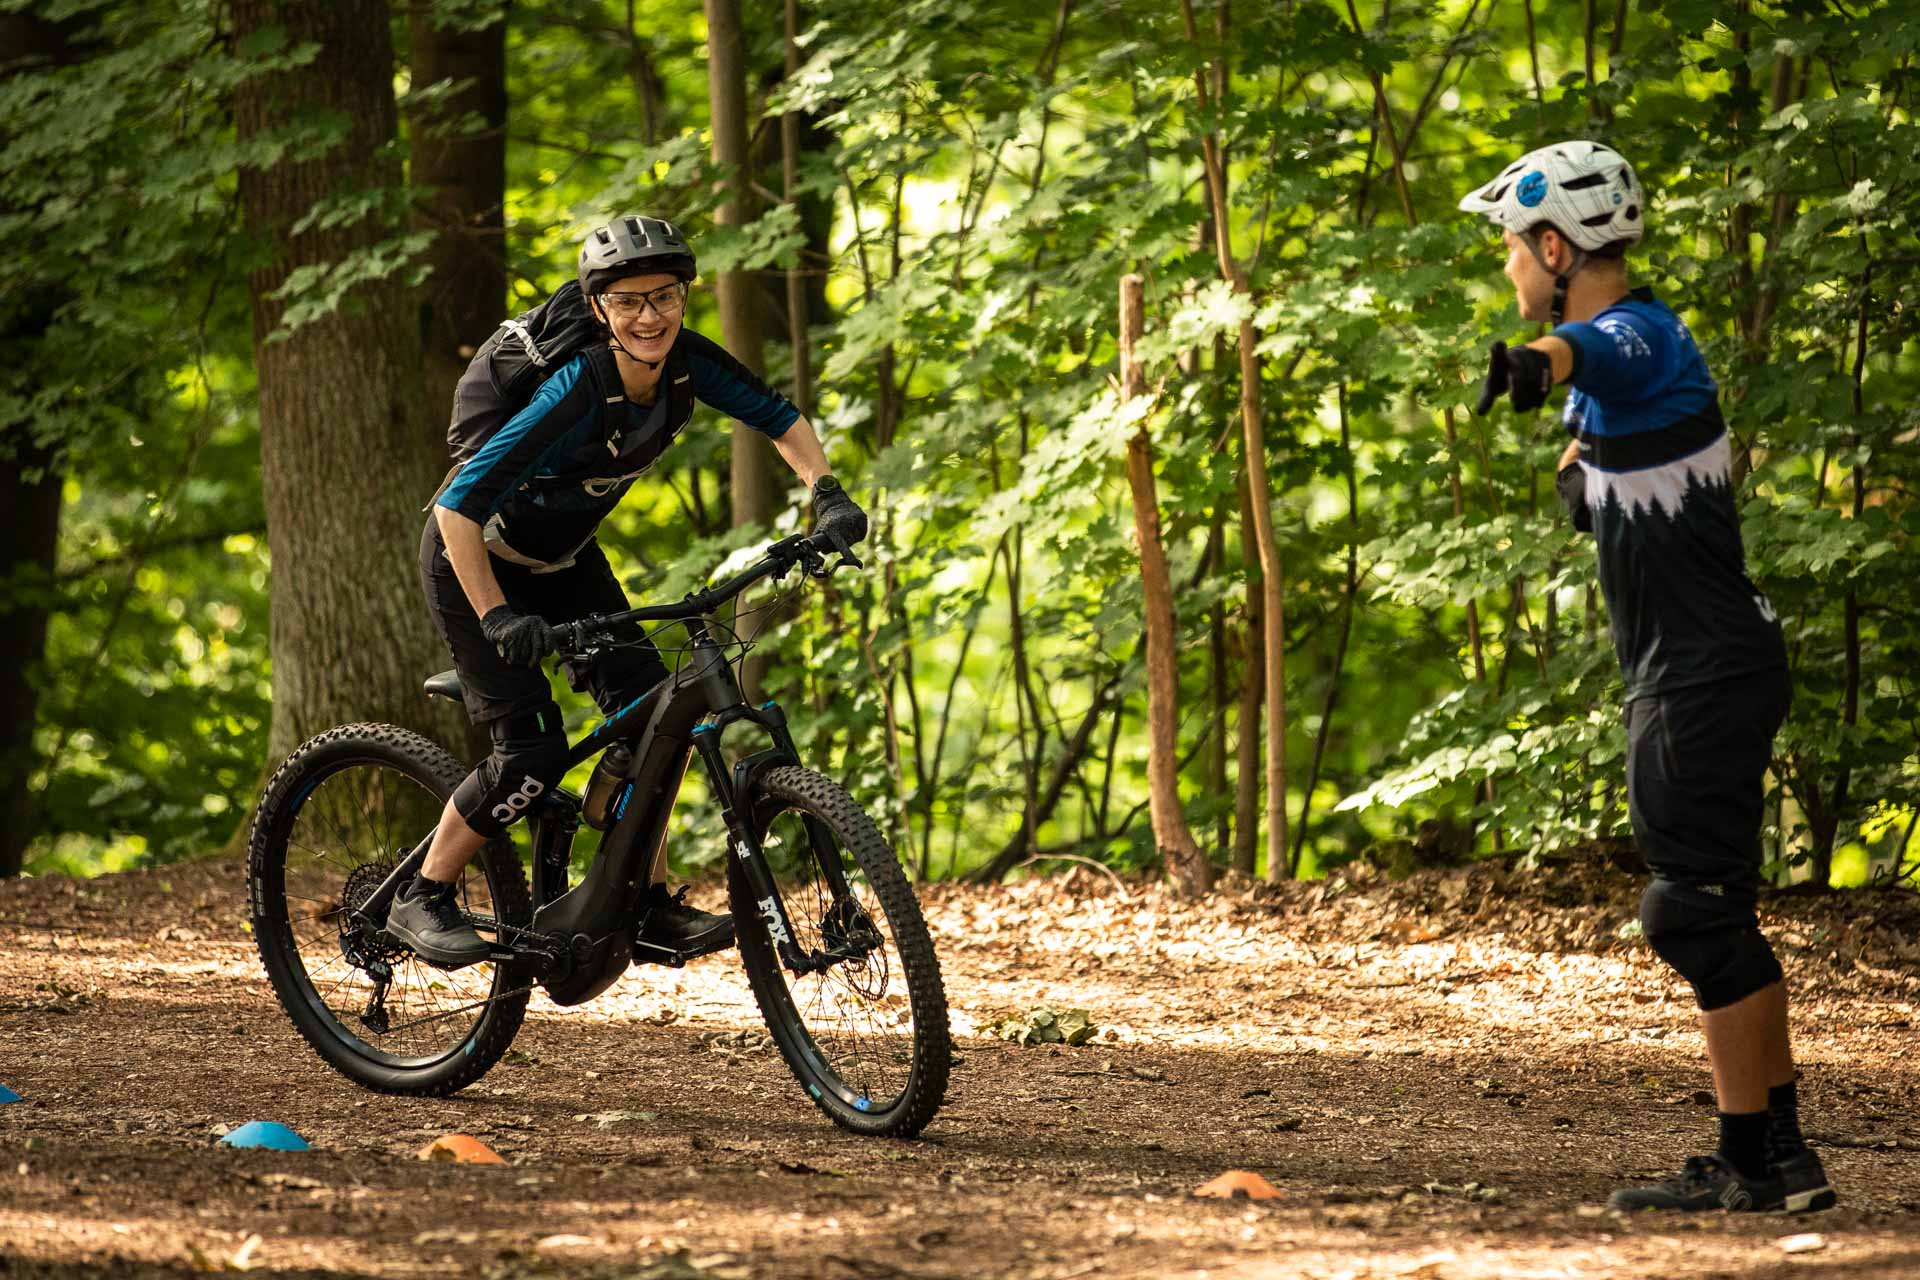 Mountainbike Frauen Kurs in Siegen - Rock my Trail Fahrtechnik Bikeschule